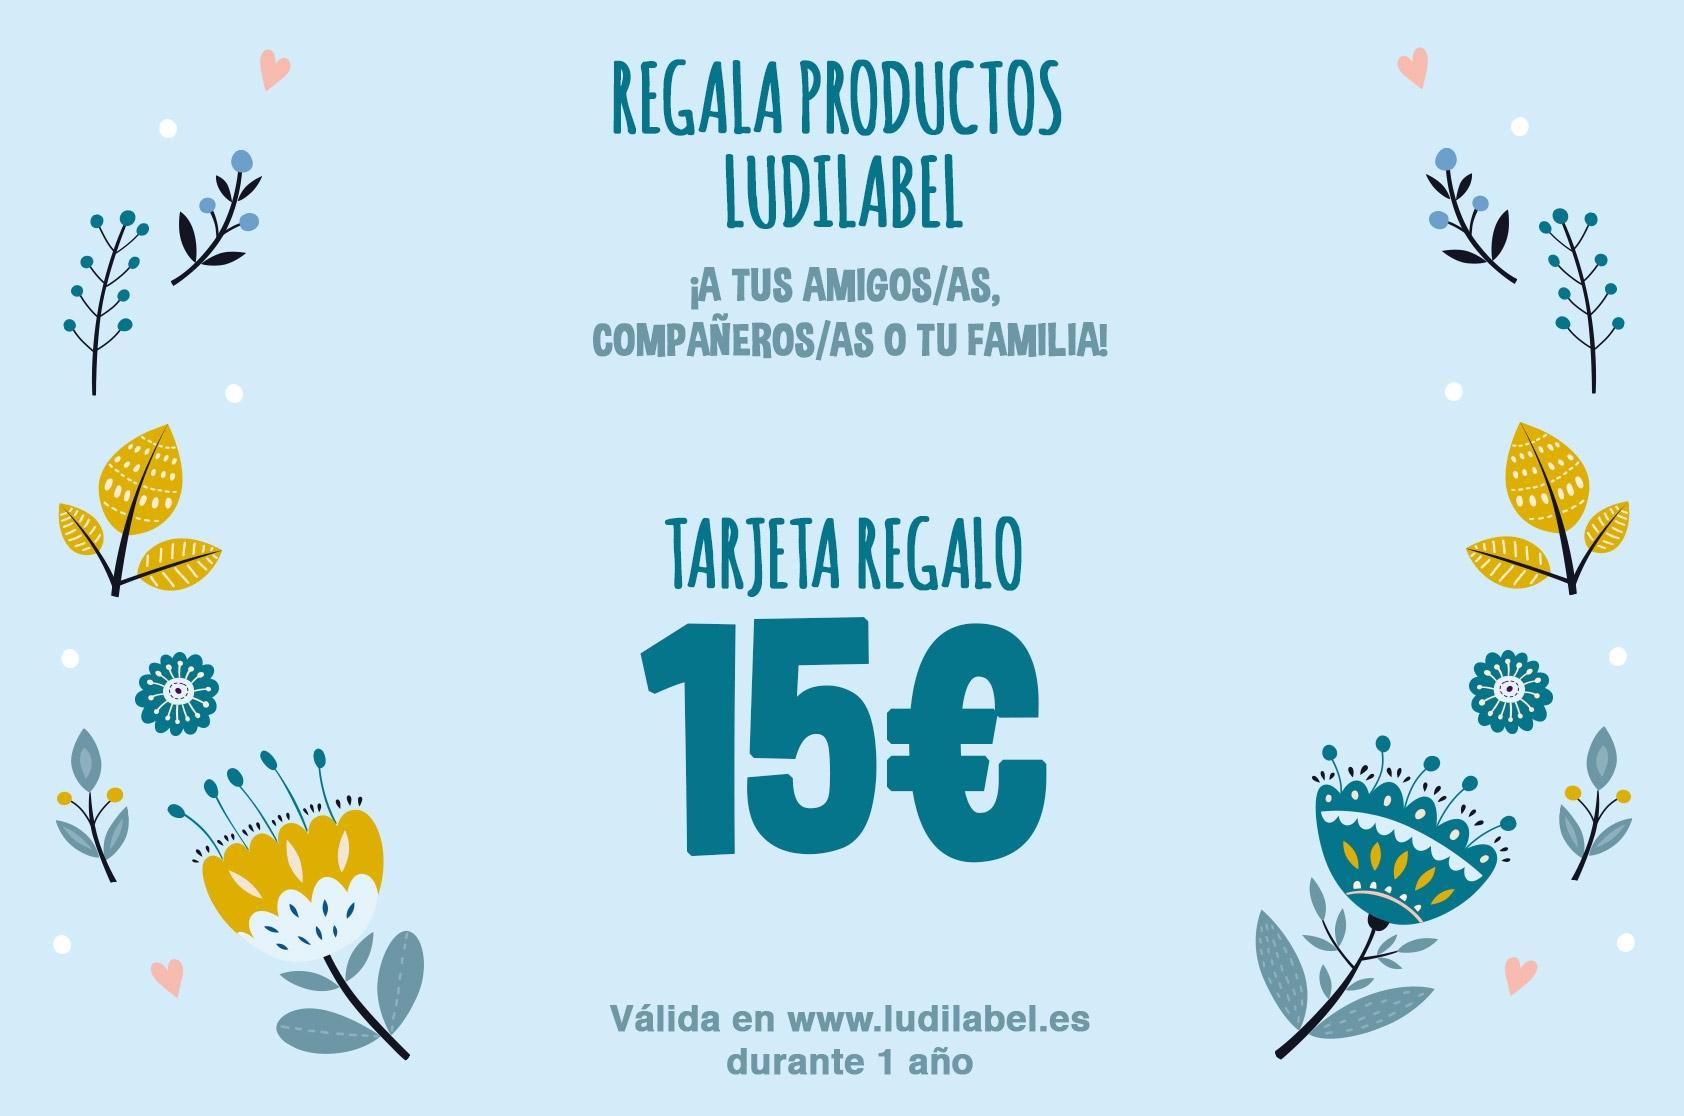 Ofrece Ludilabel a tu familia y amigos : 15 euros la tarjeta regalo.